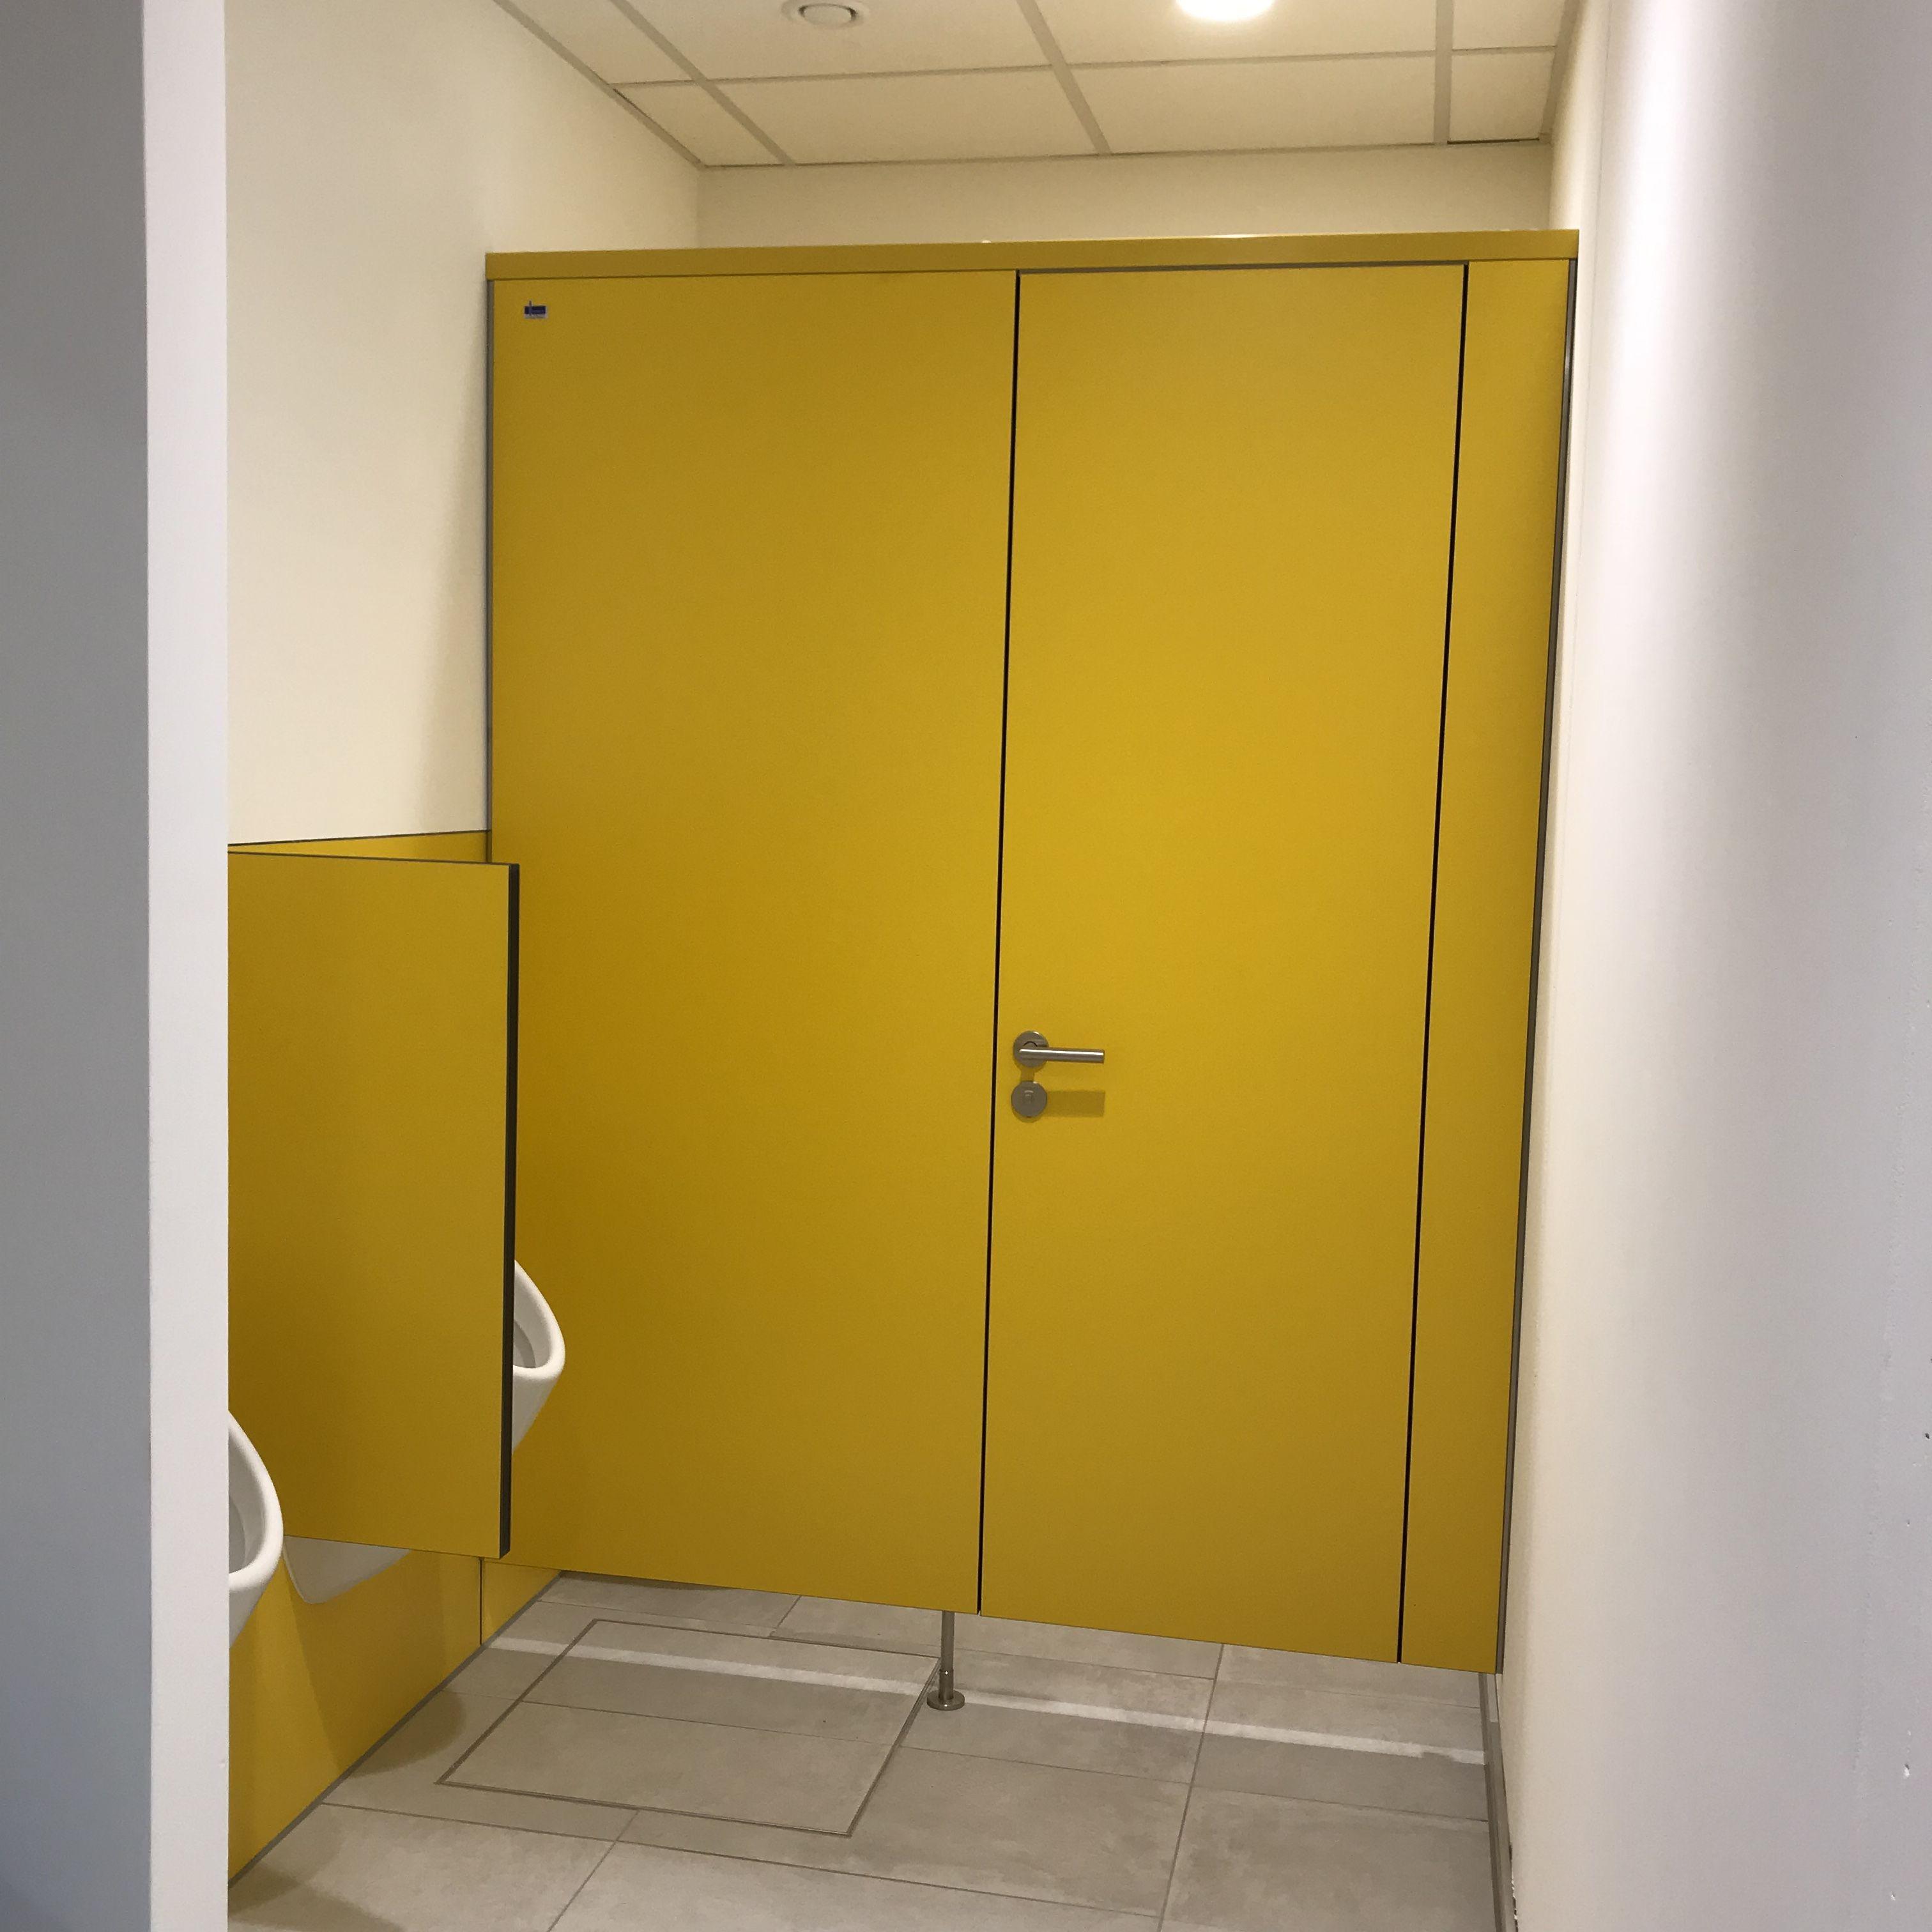 Trennwandanlage Primo F Und Wandhangende Schamwand Mit Bildern Verwaltungsgebaude Trennwand Wande